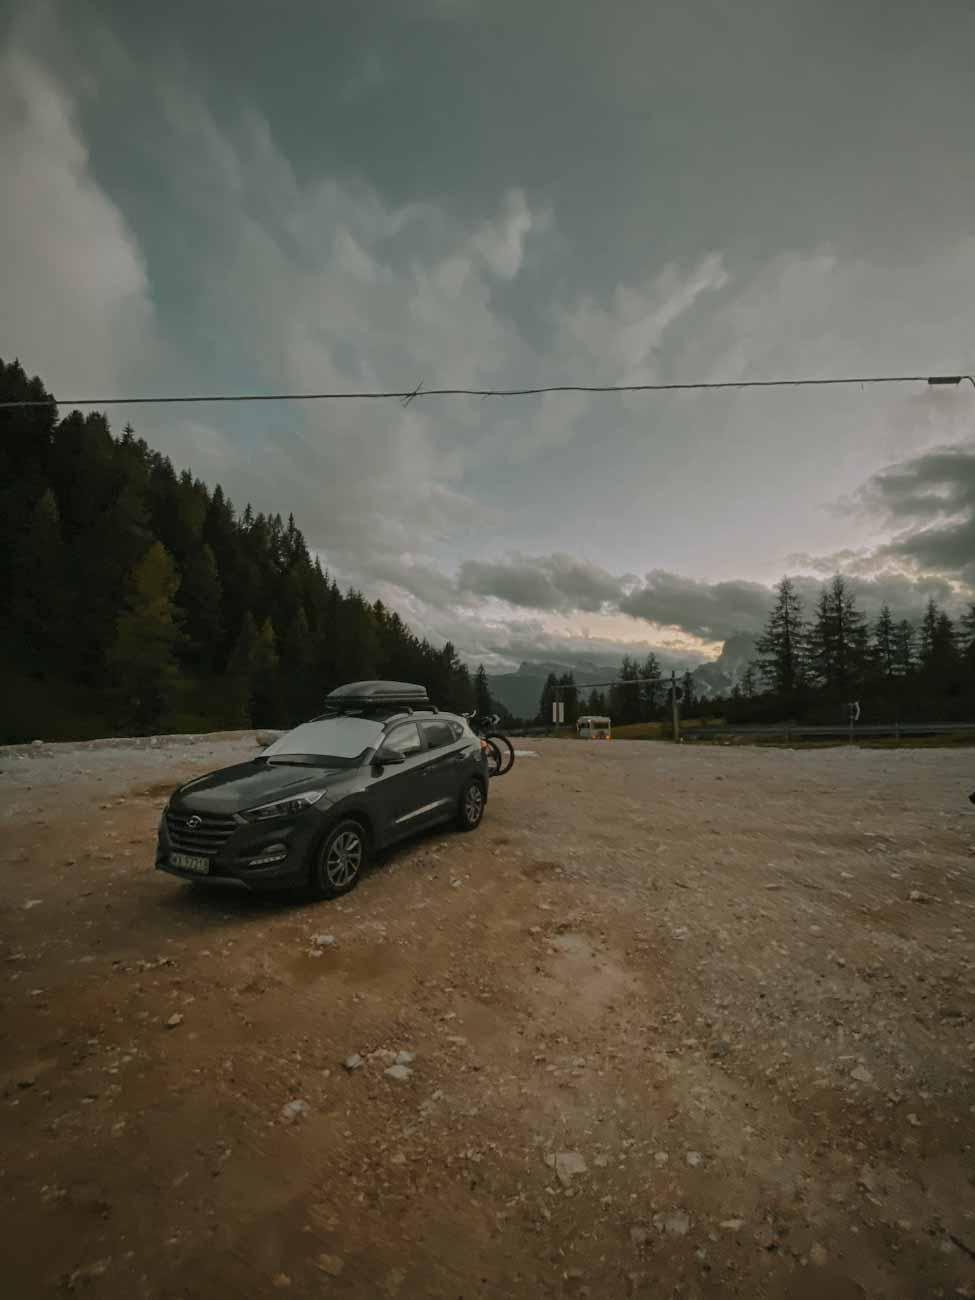 parking szlak 215 nad jezioro Sorapis w Alpach, Dolomity, Włochy